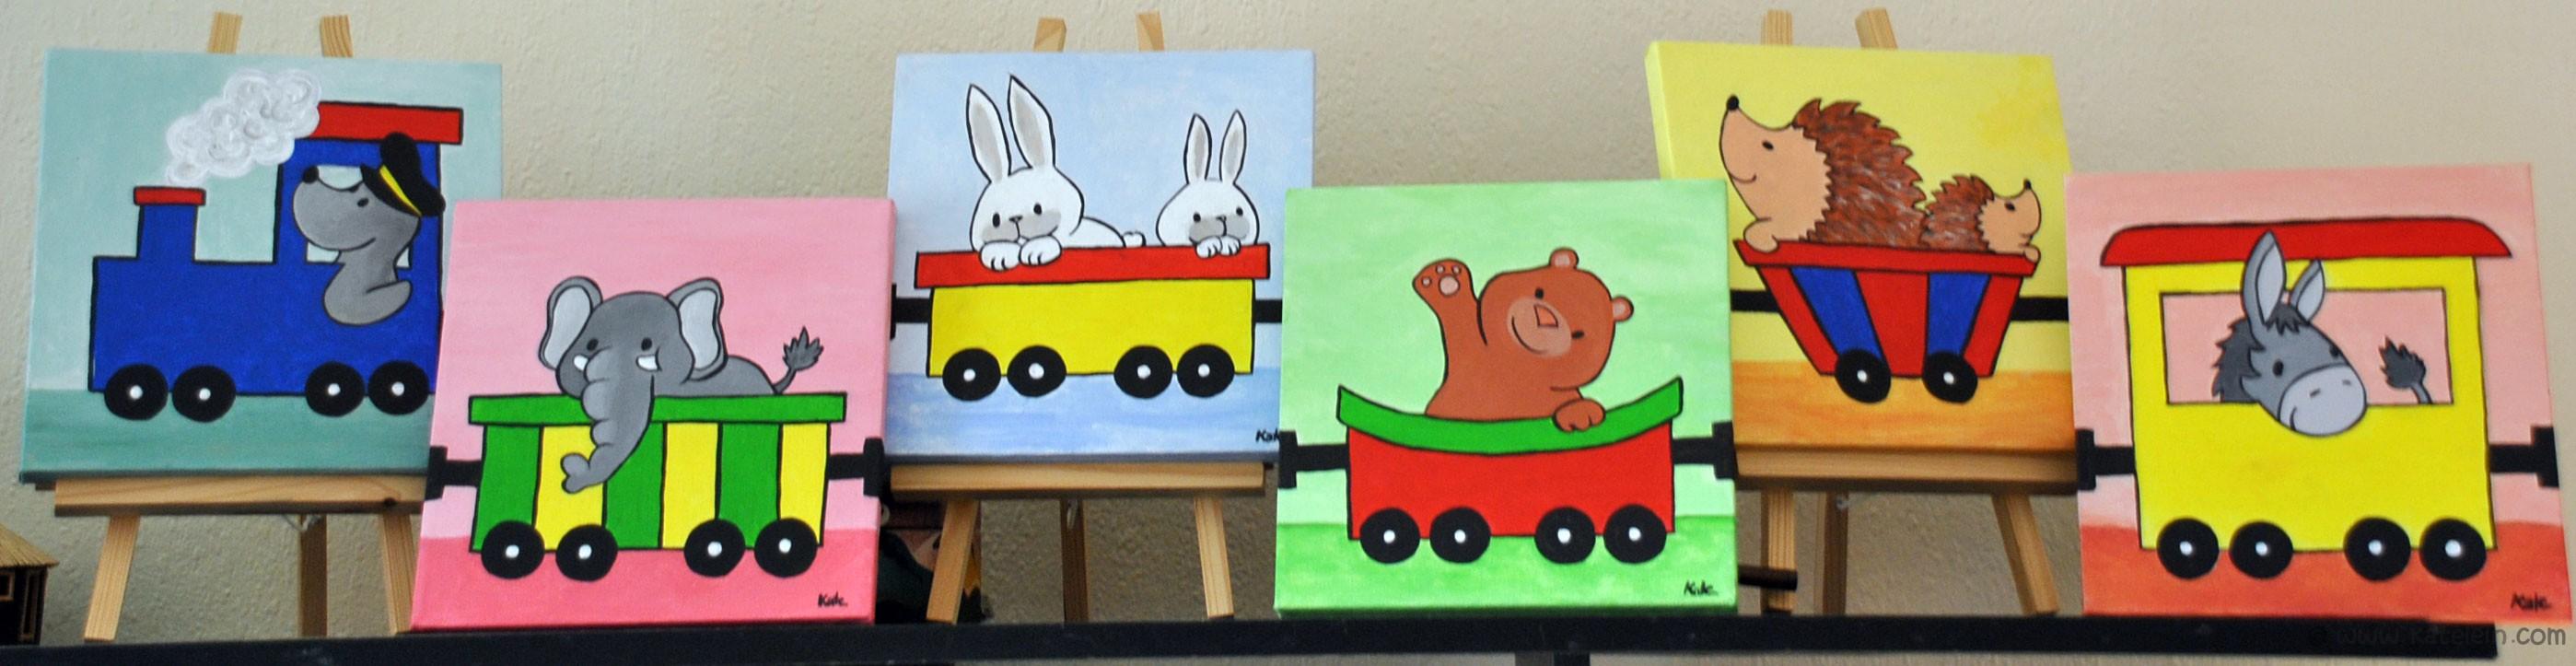 Bucherregal Kinderzimmer Weis : Lustiger tiertransport tolle bilder auf keilrahmen furs kinderzimmer